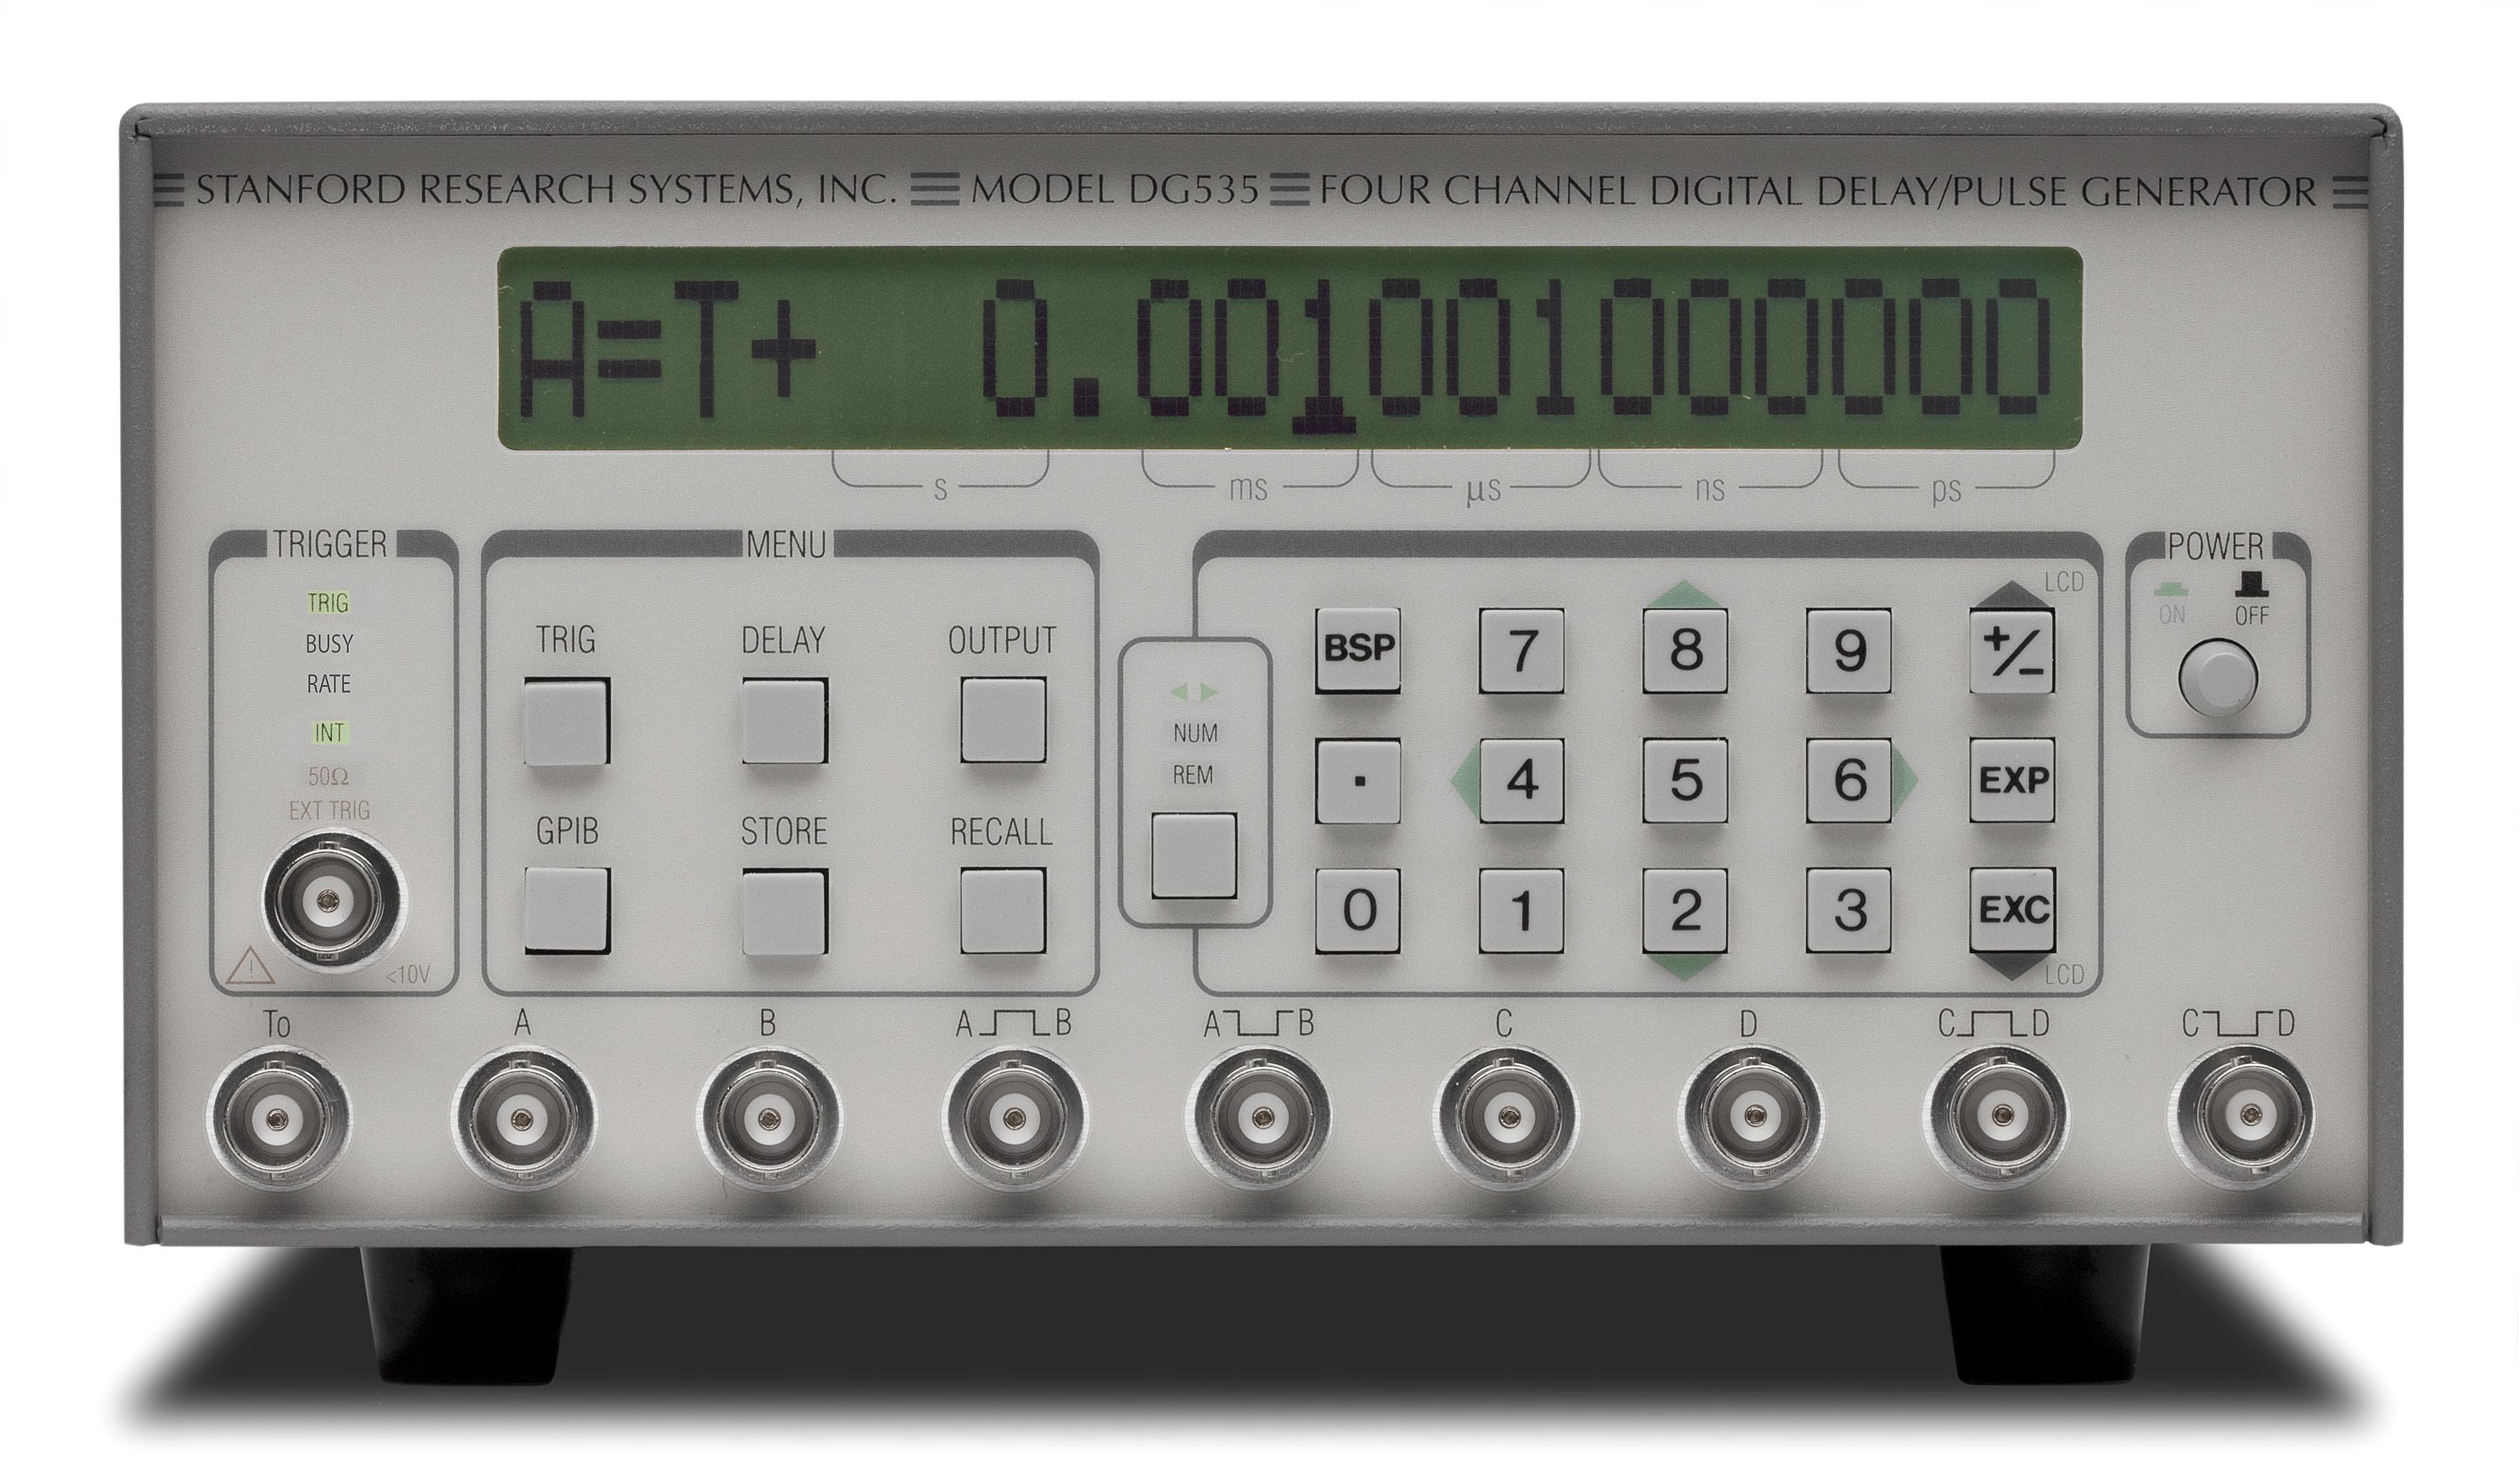 Digital Delay/Pulse Generator - DG535